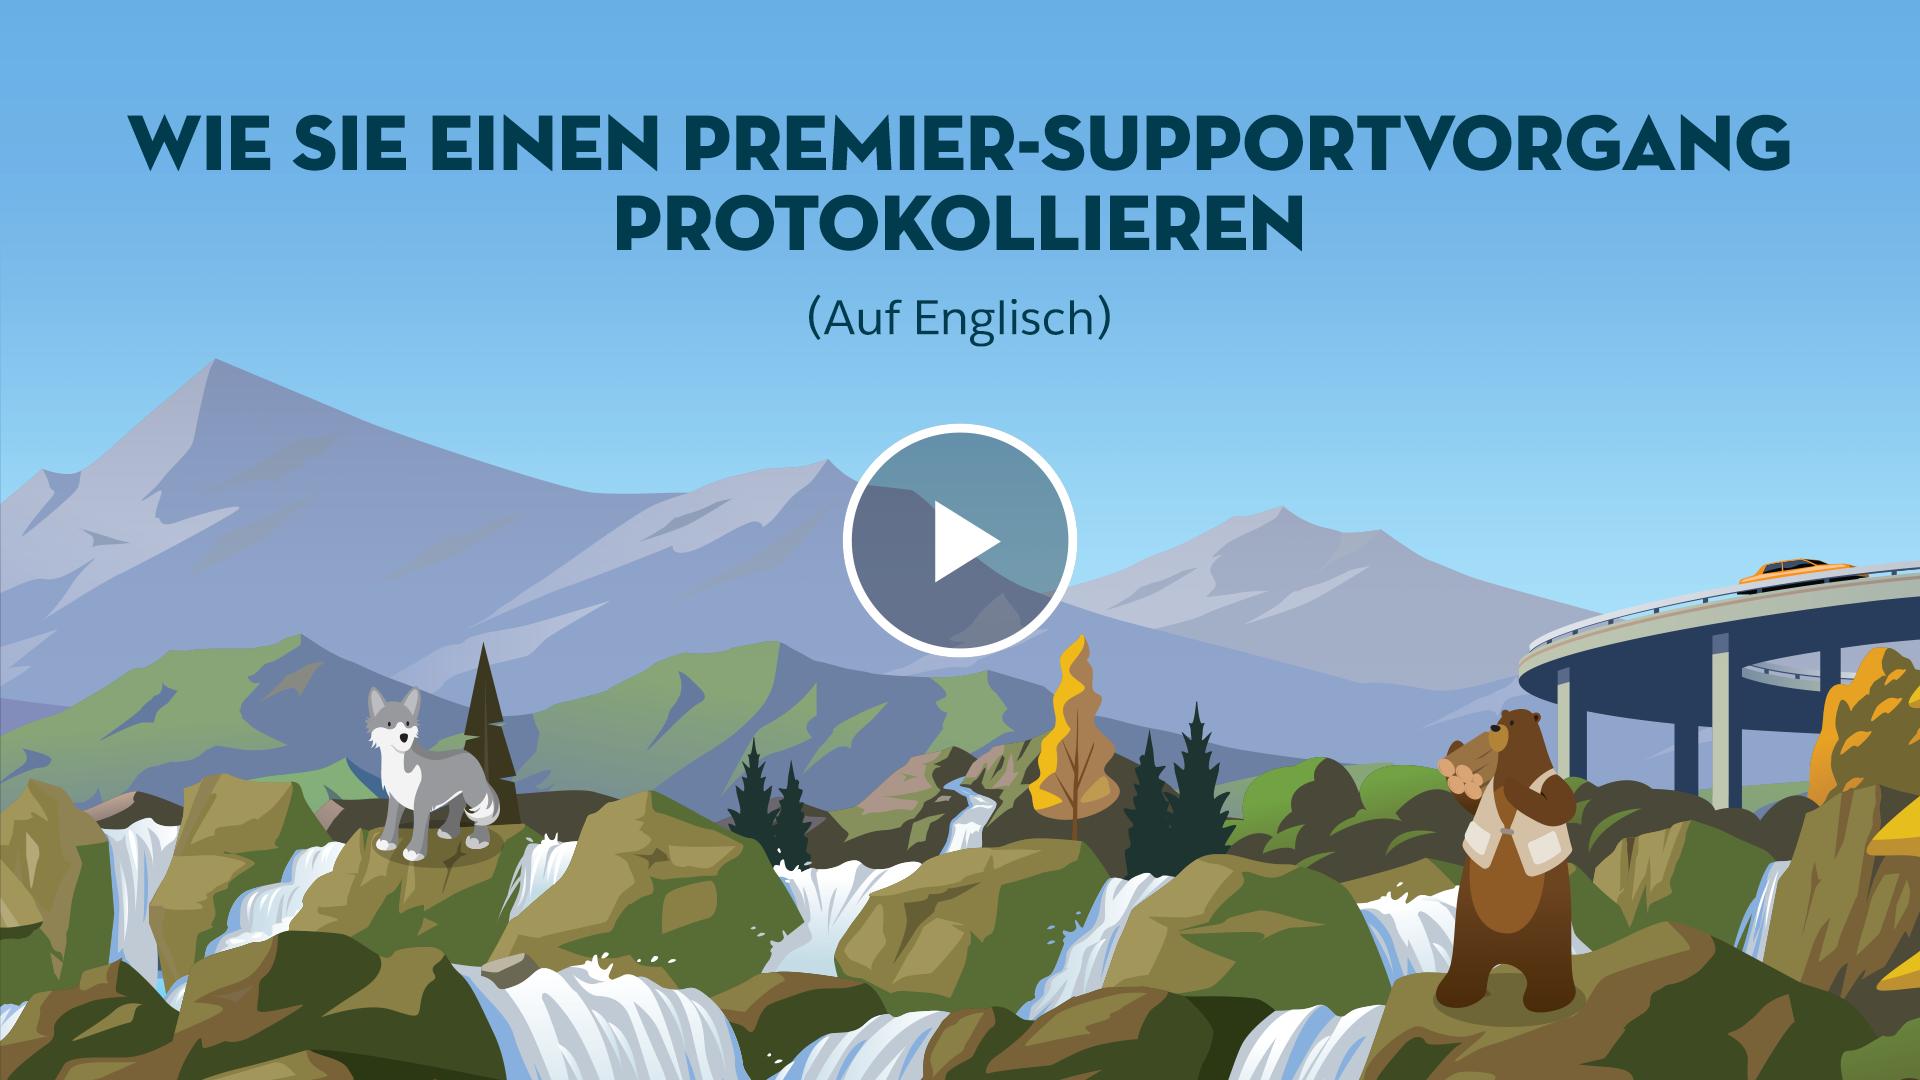 Wie Sie einen Premier-Supportvorgang protokollieren (auf Englisch)